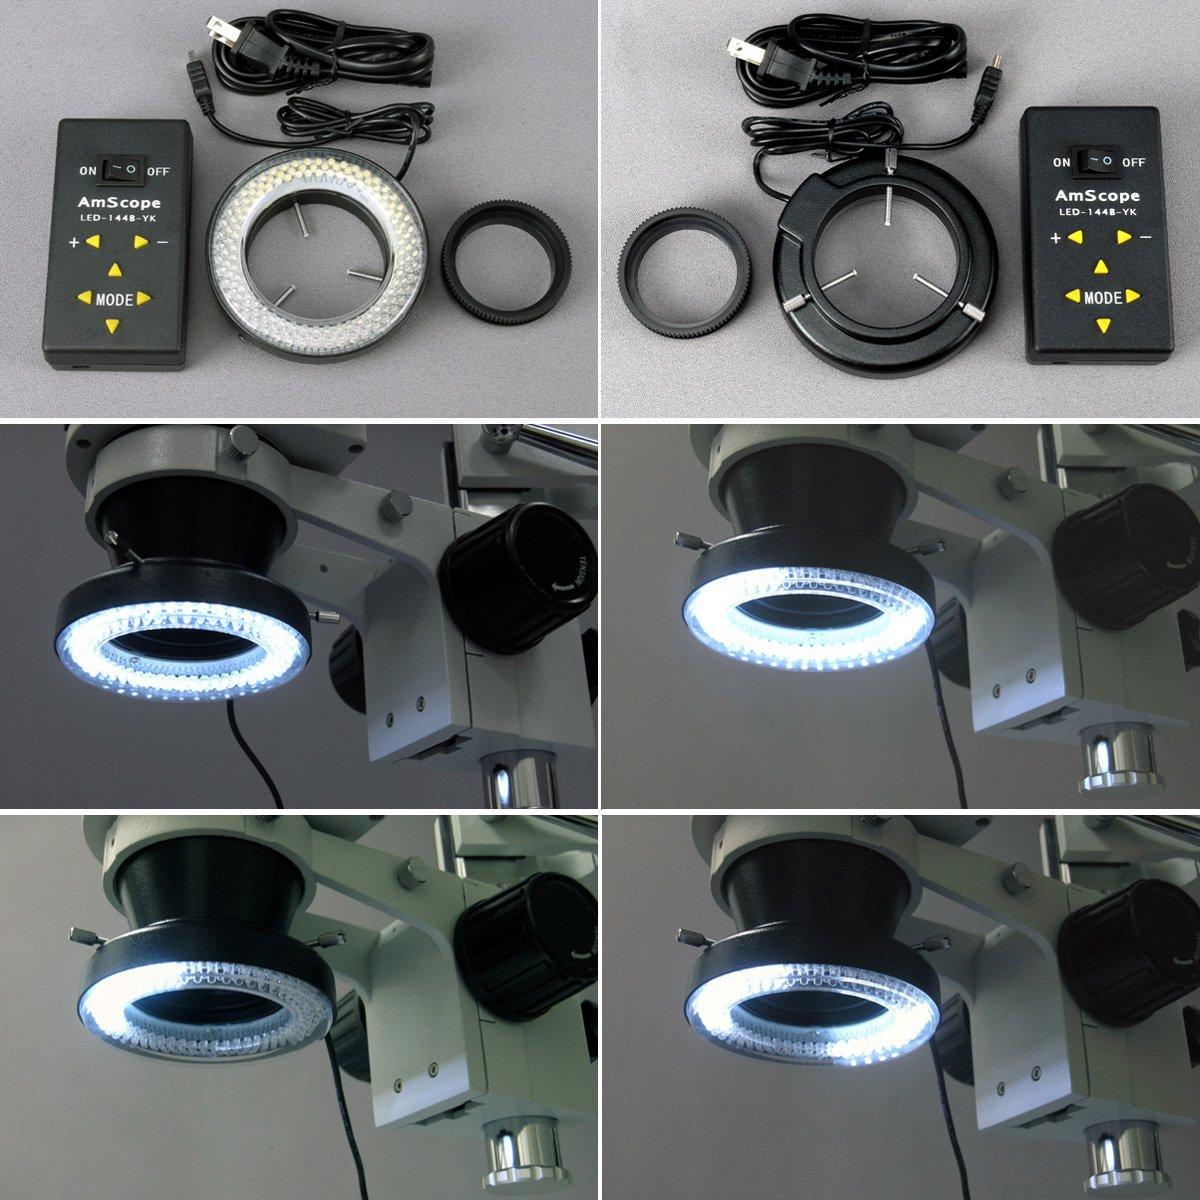 3,5 x -90 trinocular Amscope Stereo-Mikroskop mit 4-zone 4-zone 4-zone 144-led Ring-Licht  10 MP Kamera B0725JHDG7 | Bestellung willkommen  | Ausgezeichnete Qualität  | Primäre Qualität  a5922c